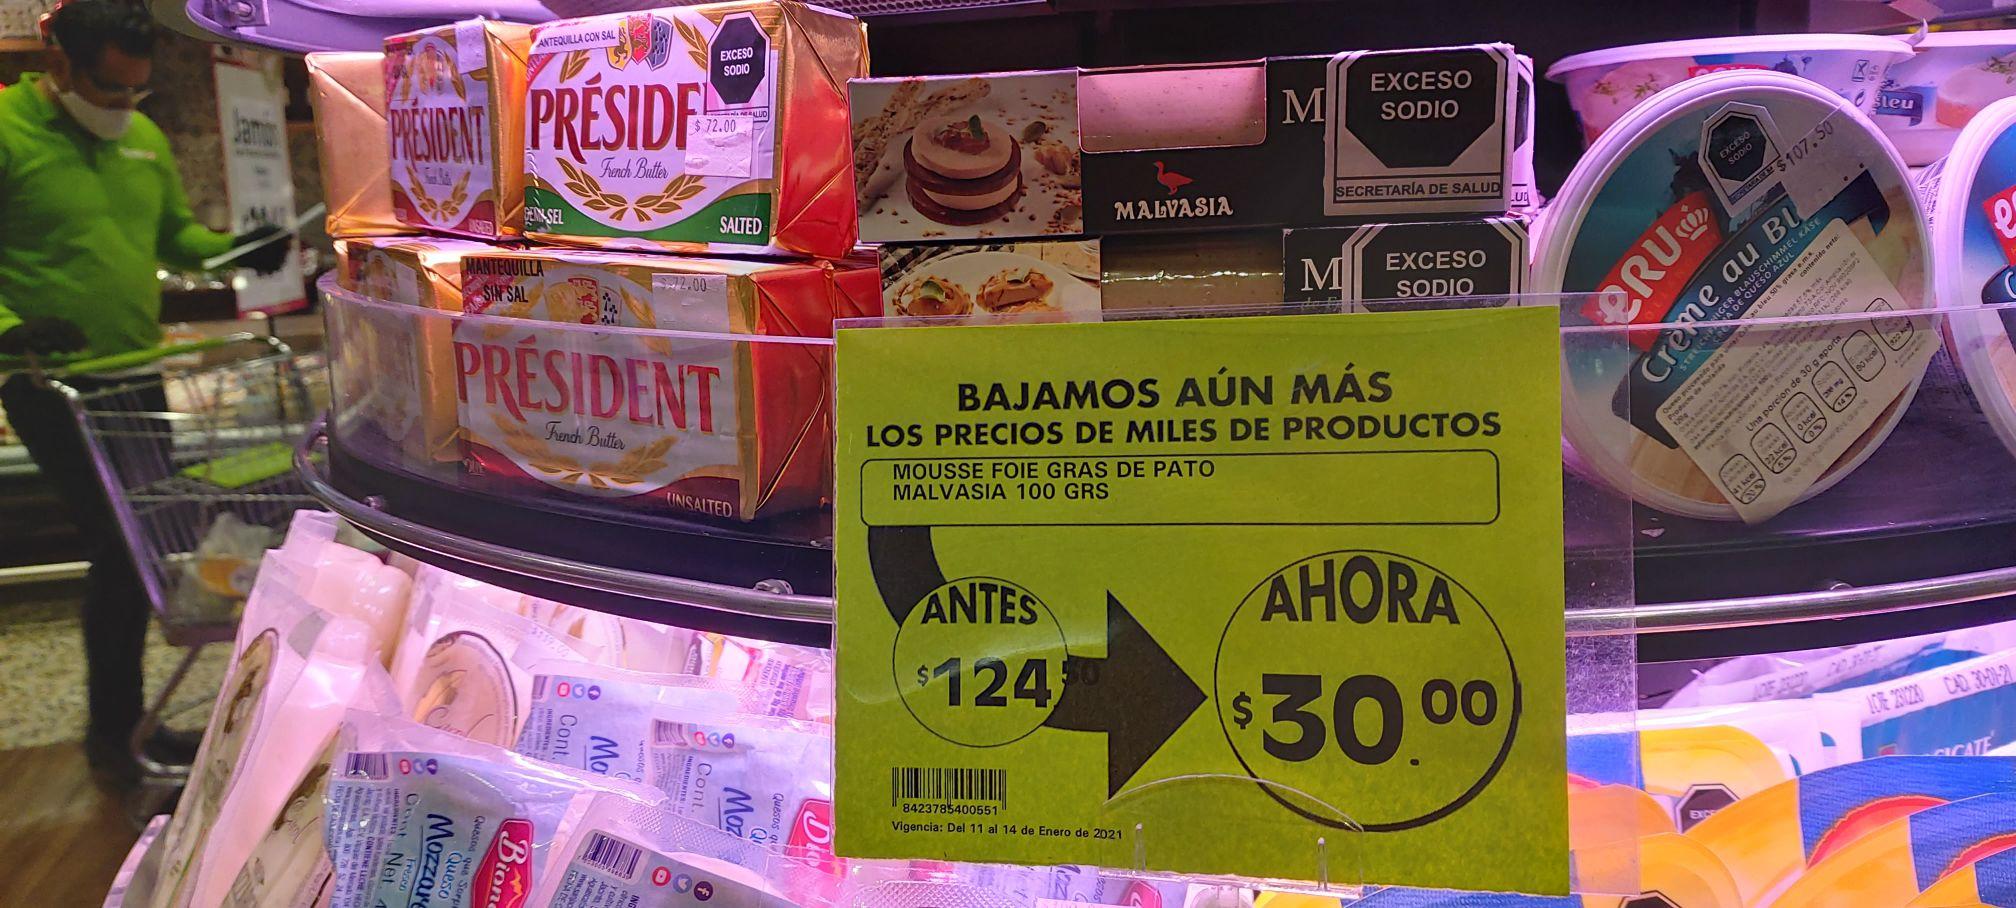 Mousse de foie gras de pato a precio de saldo en La Comer